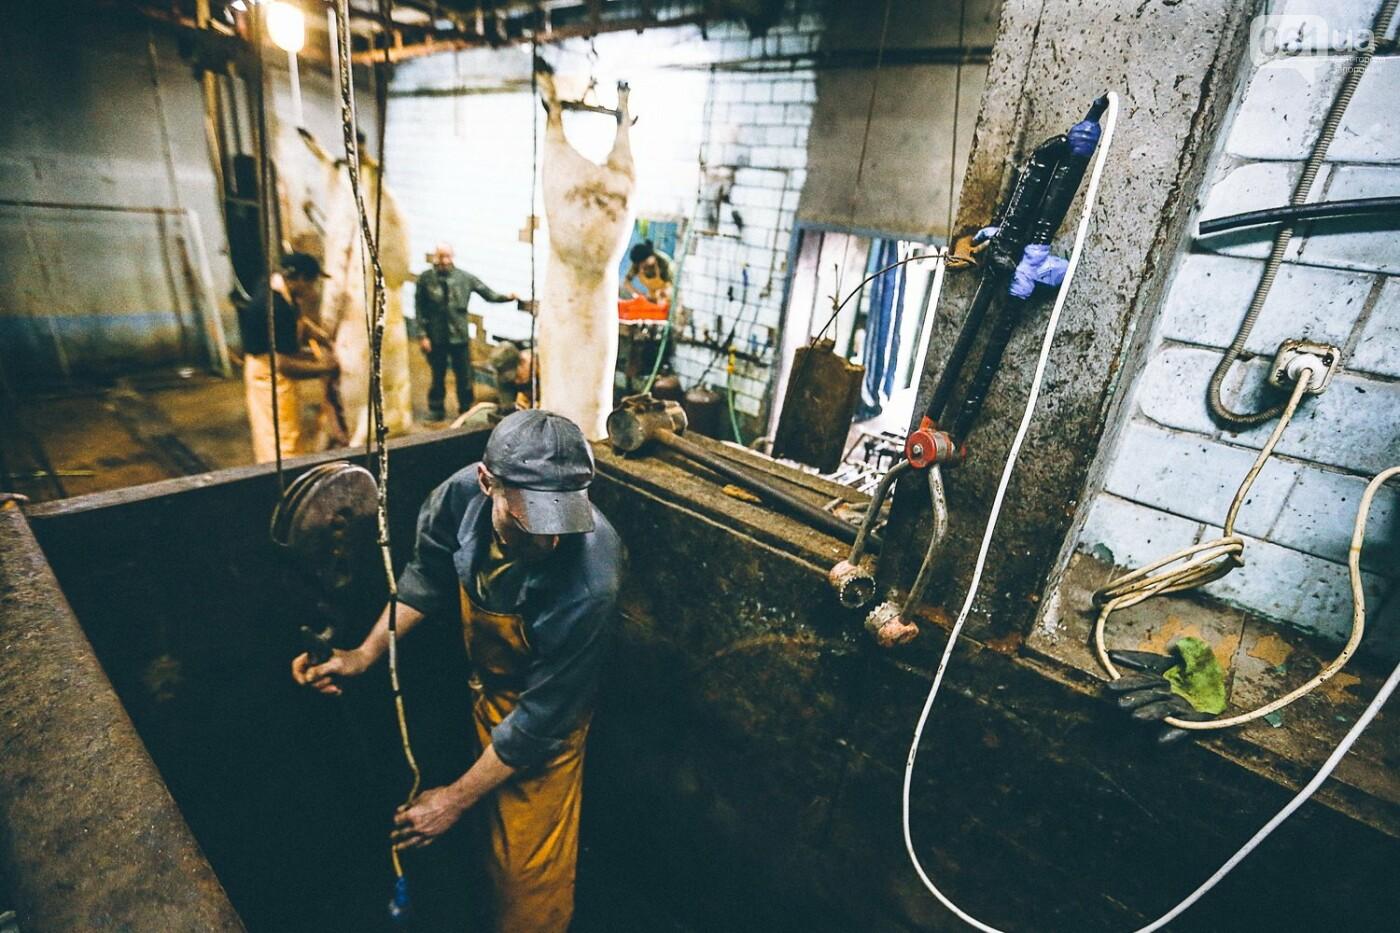 Забой скота в Украине приходит к европейским стандартам - ФОТОРЕПОРТАЖ 18+, фото-5